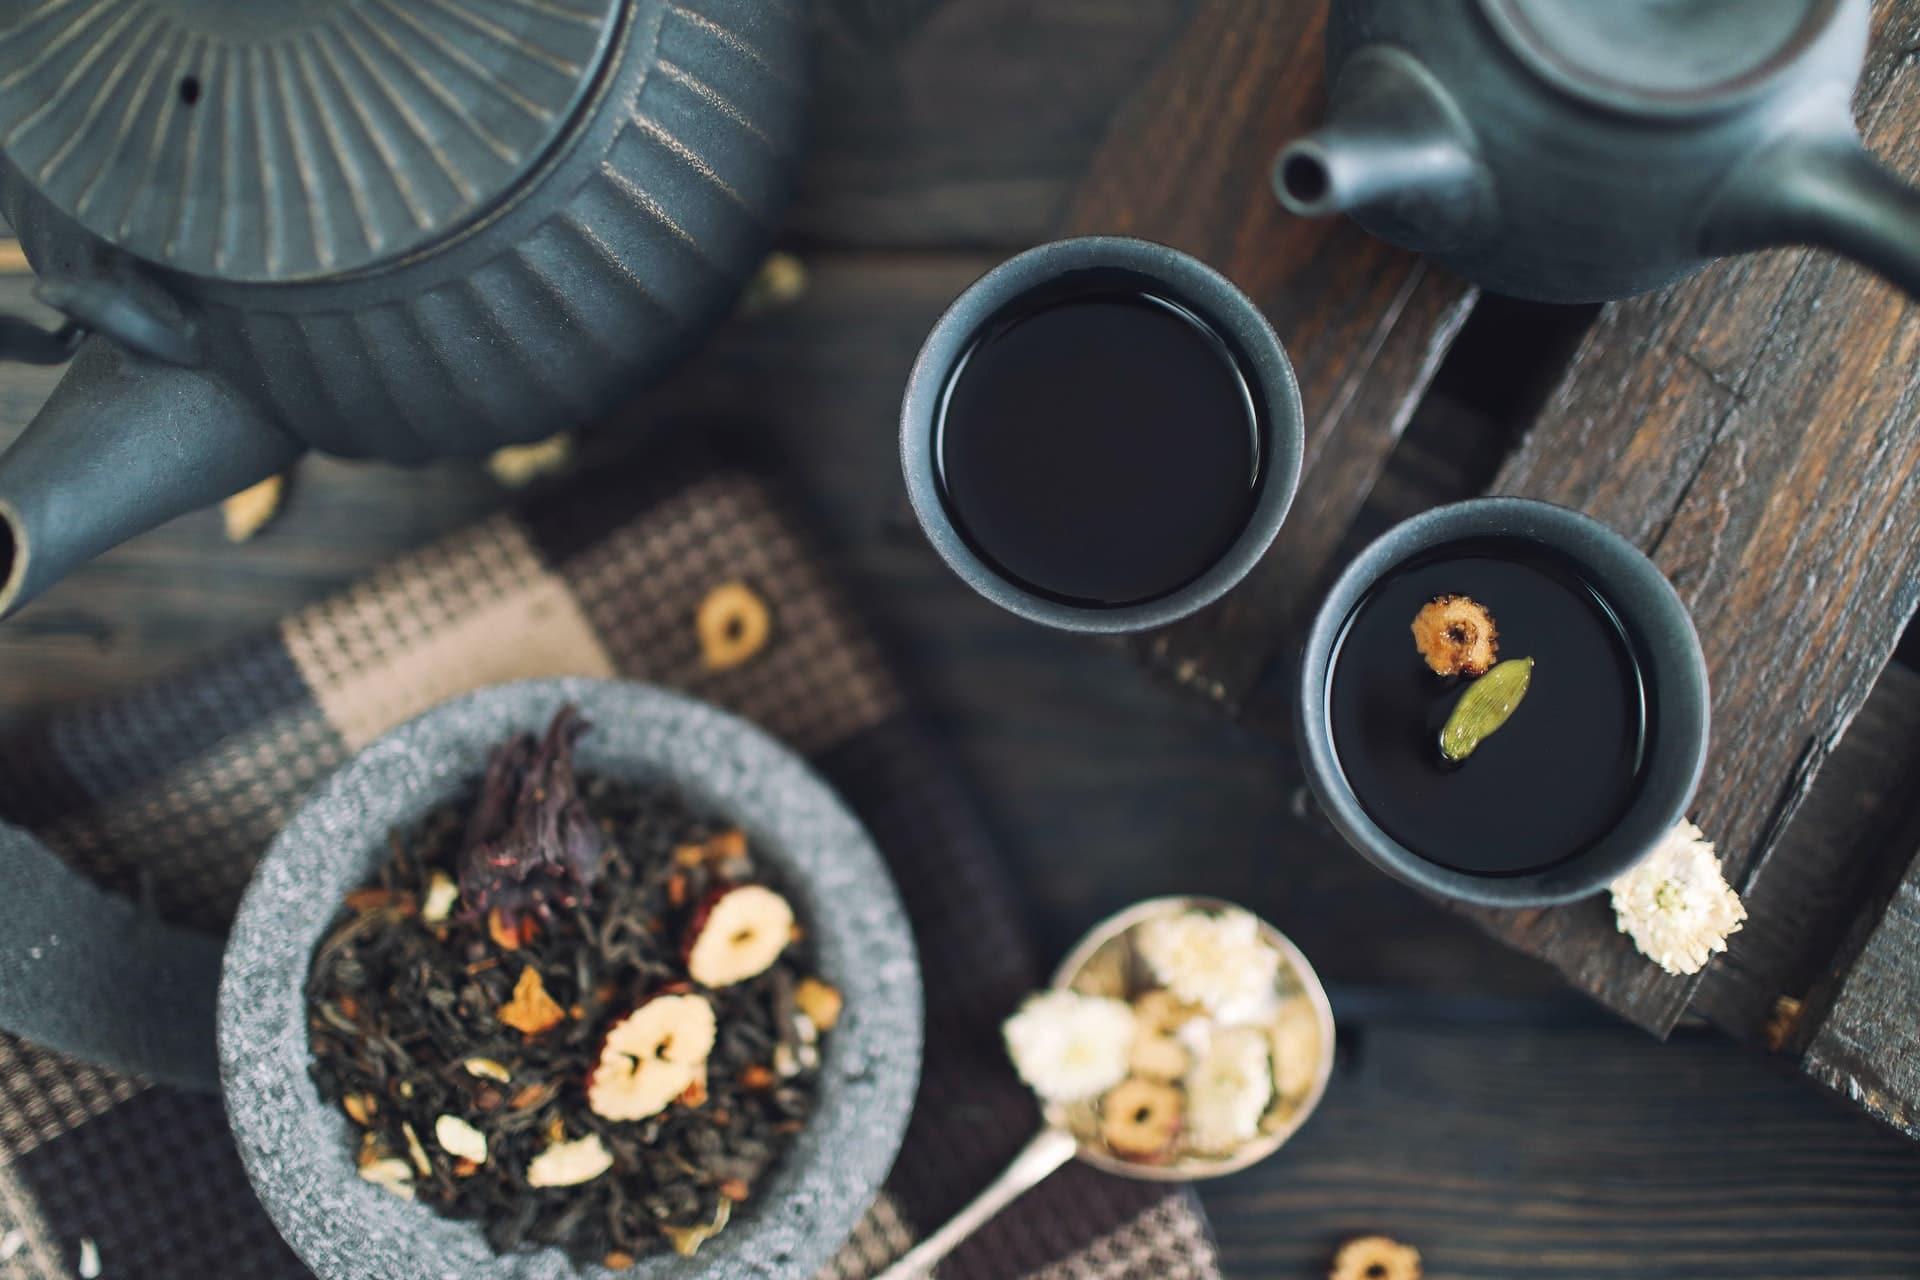 cadeau noel inspiration westfield les 4 temps thé bien-être nature aromathérapie